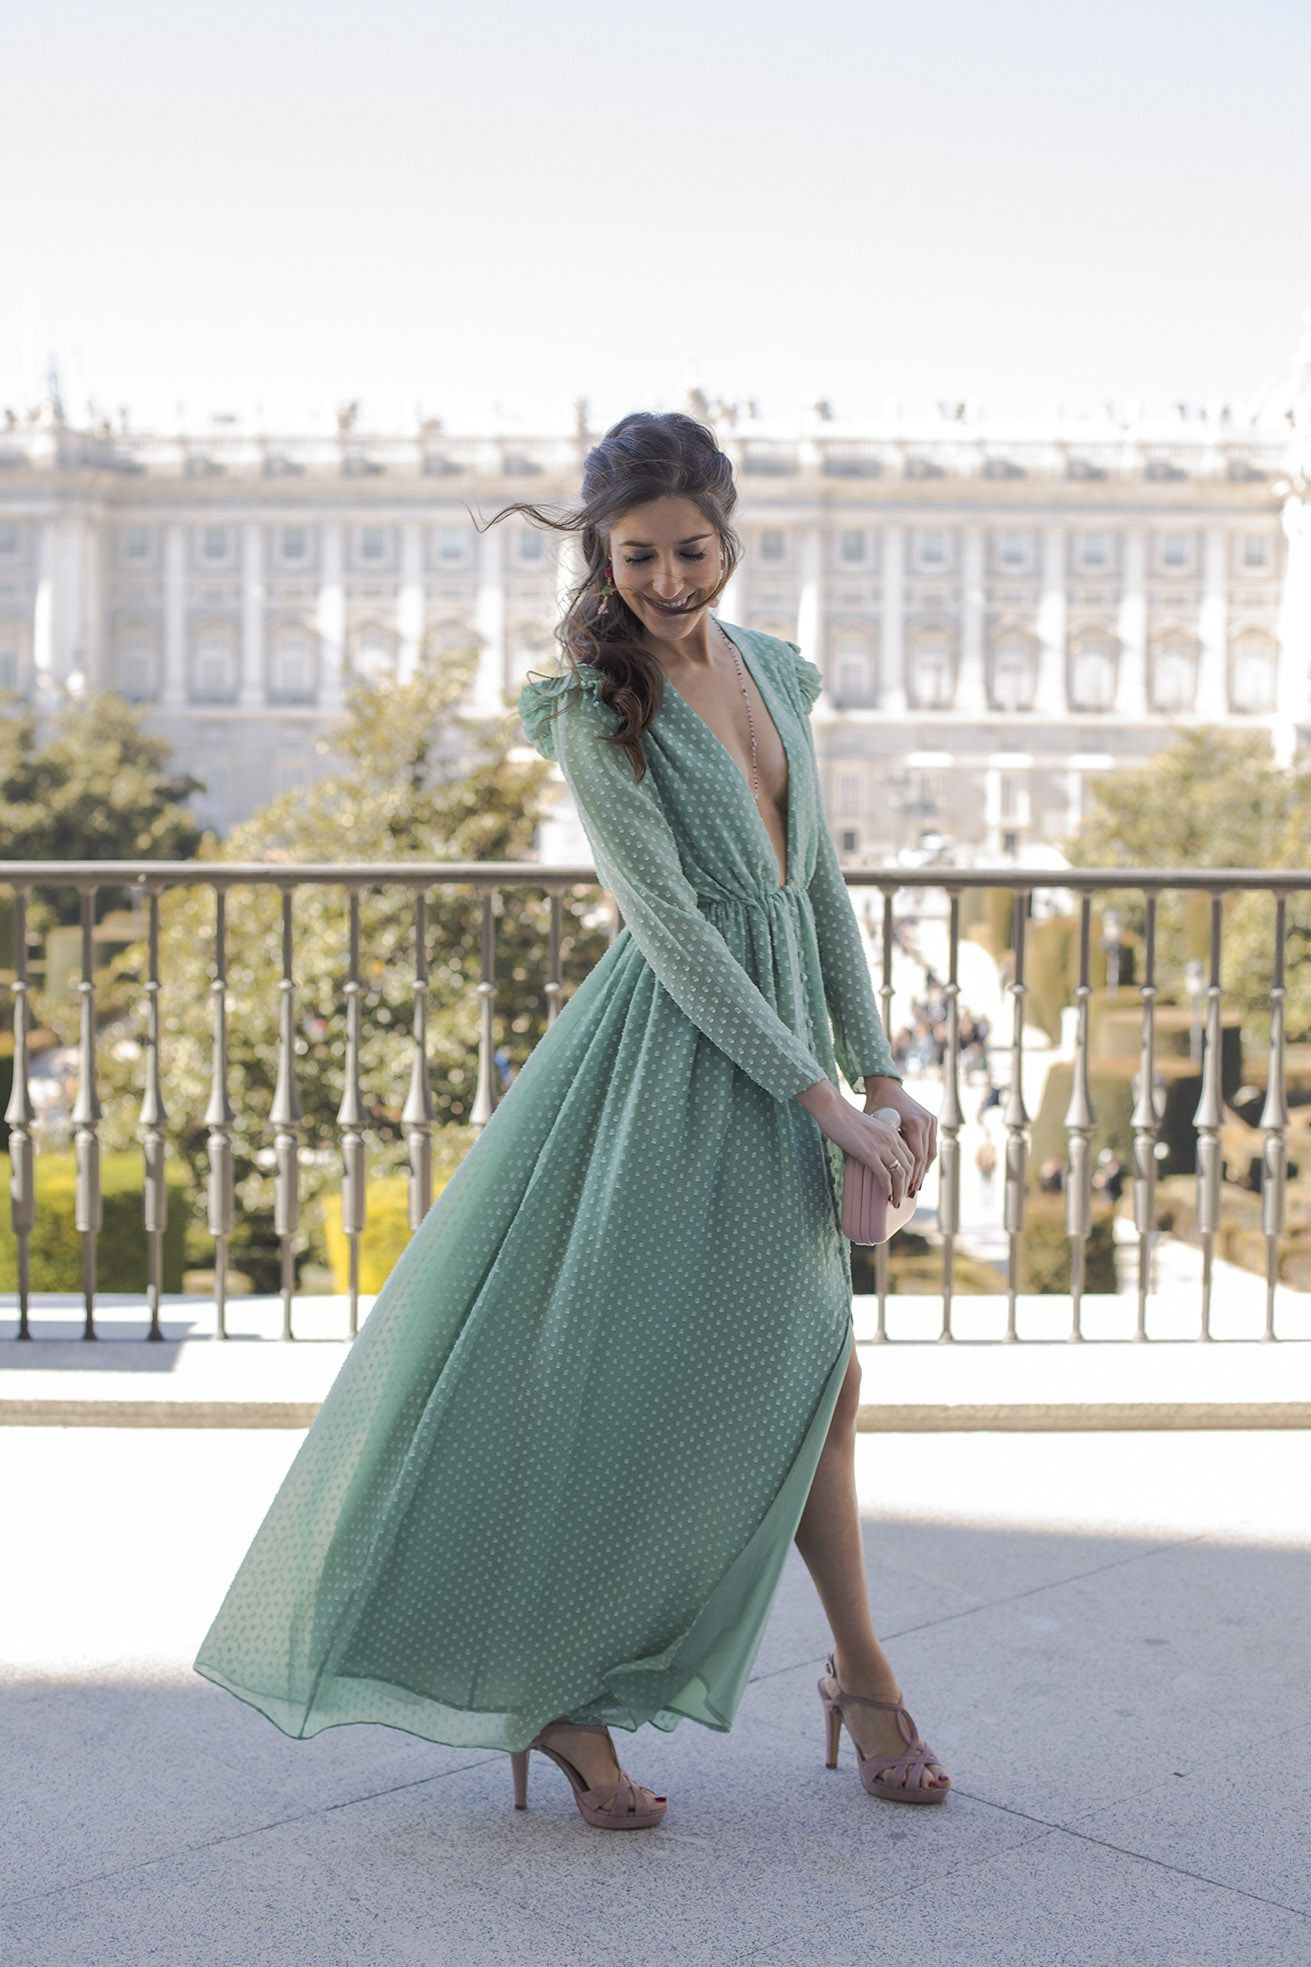 a11d0c0d4 Look invitada perfecta boda noche vestido largo plumeti peinado lazo ...